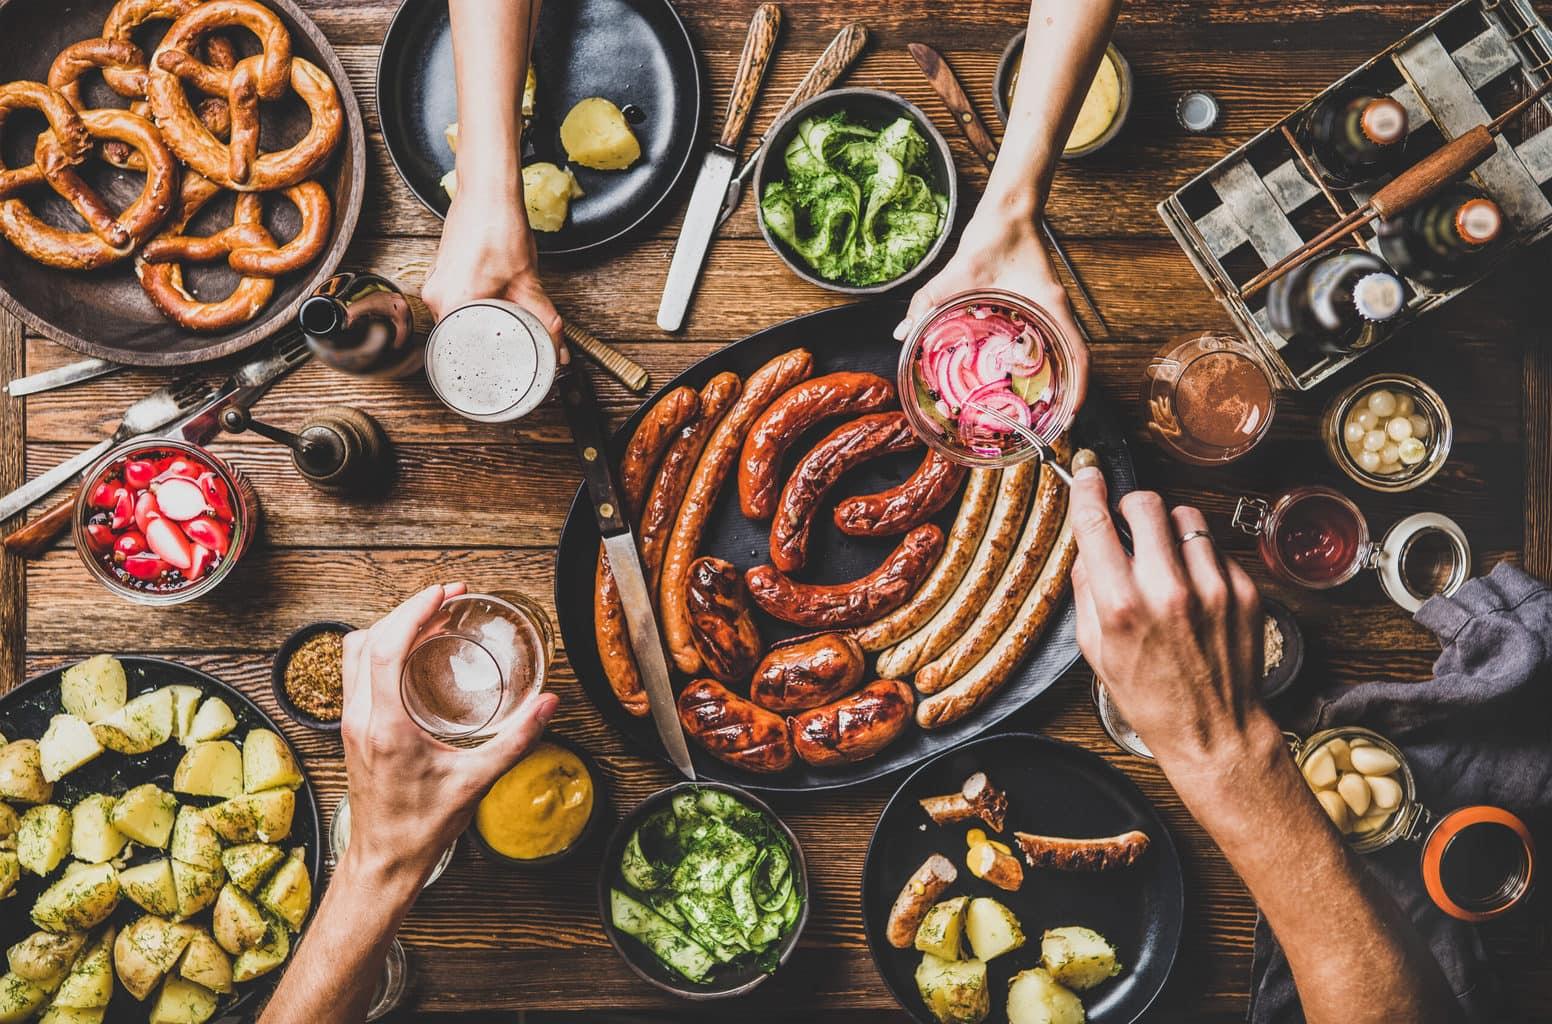 Rustieke specialiteiten uit de Duitse keuken